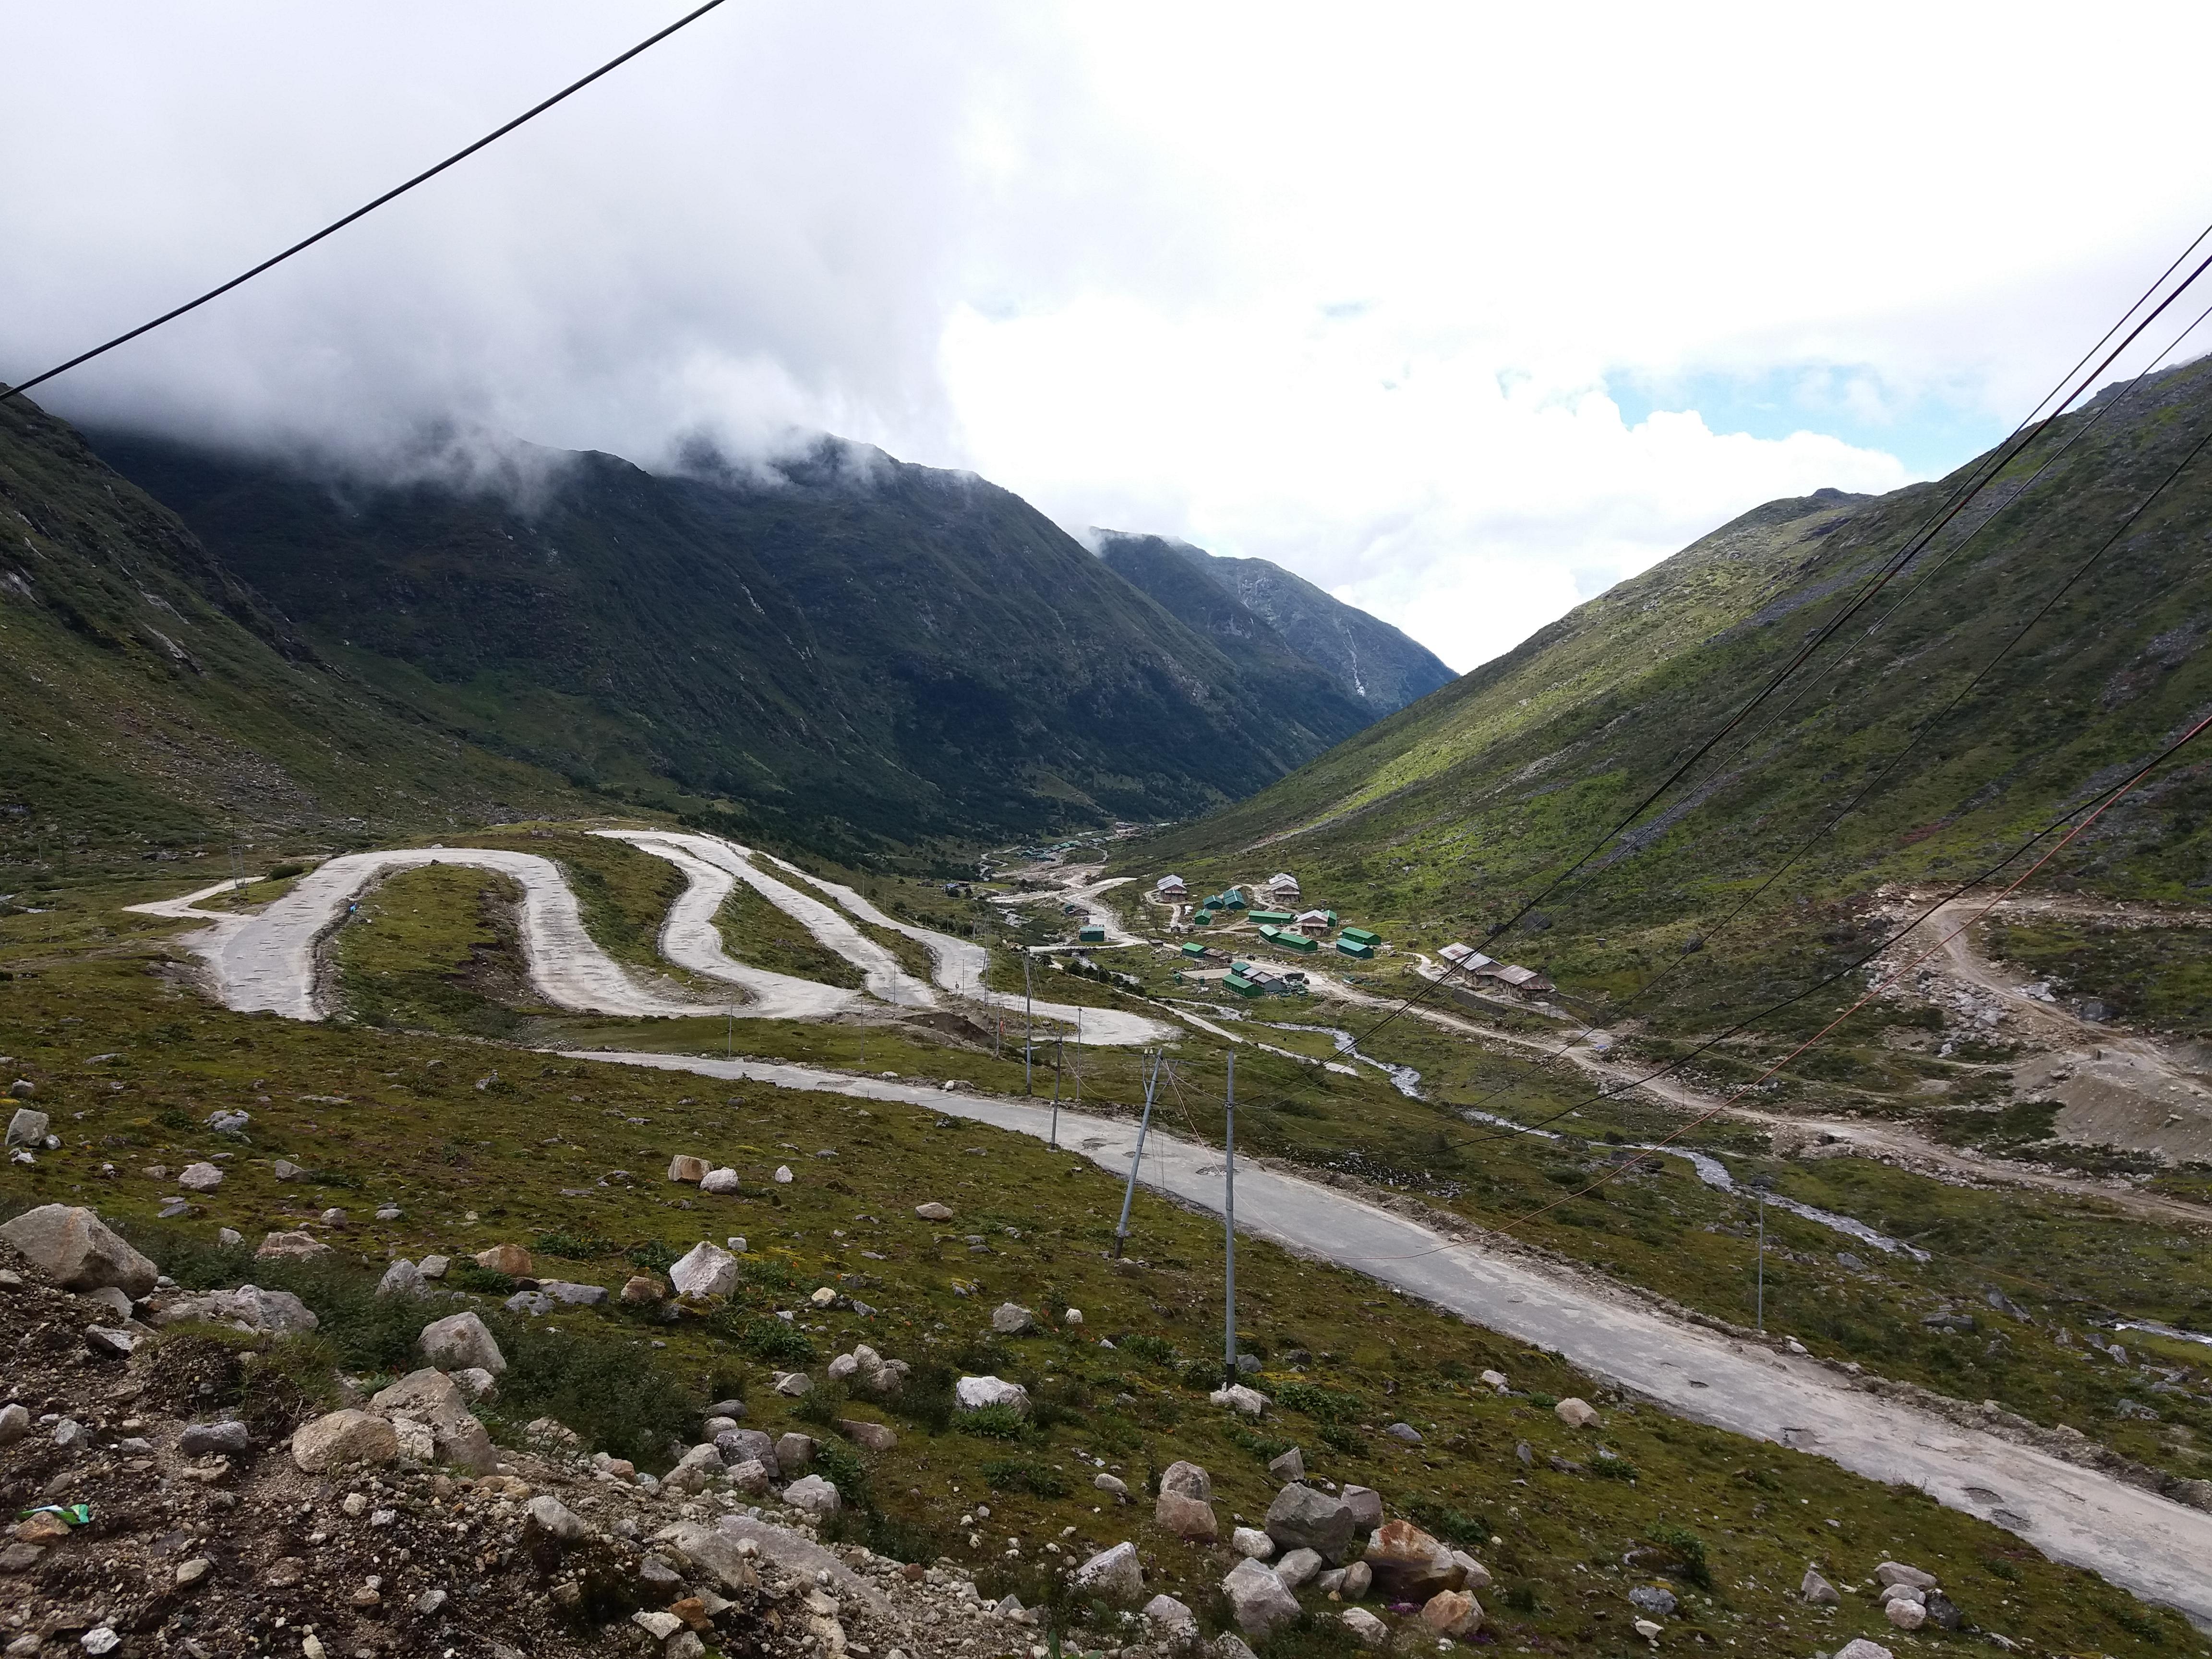 तवांग ते बुमला पास हे जेमतेम 37 किलोमीटरचे अंतर.  दोन-अडीच तासांच्या प्रवासाने तिथवर पोहचणे हे मोठे दिव्य!